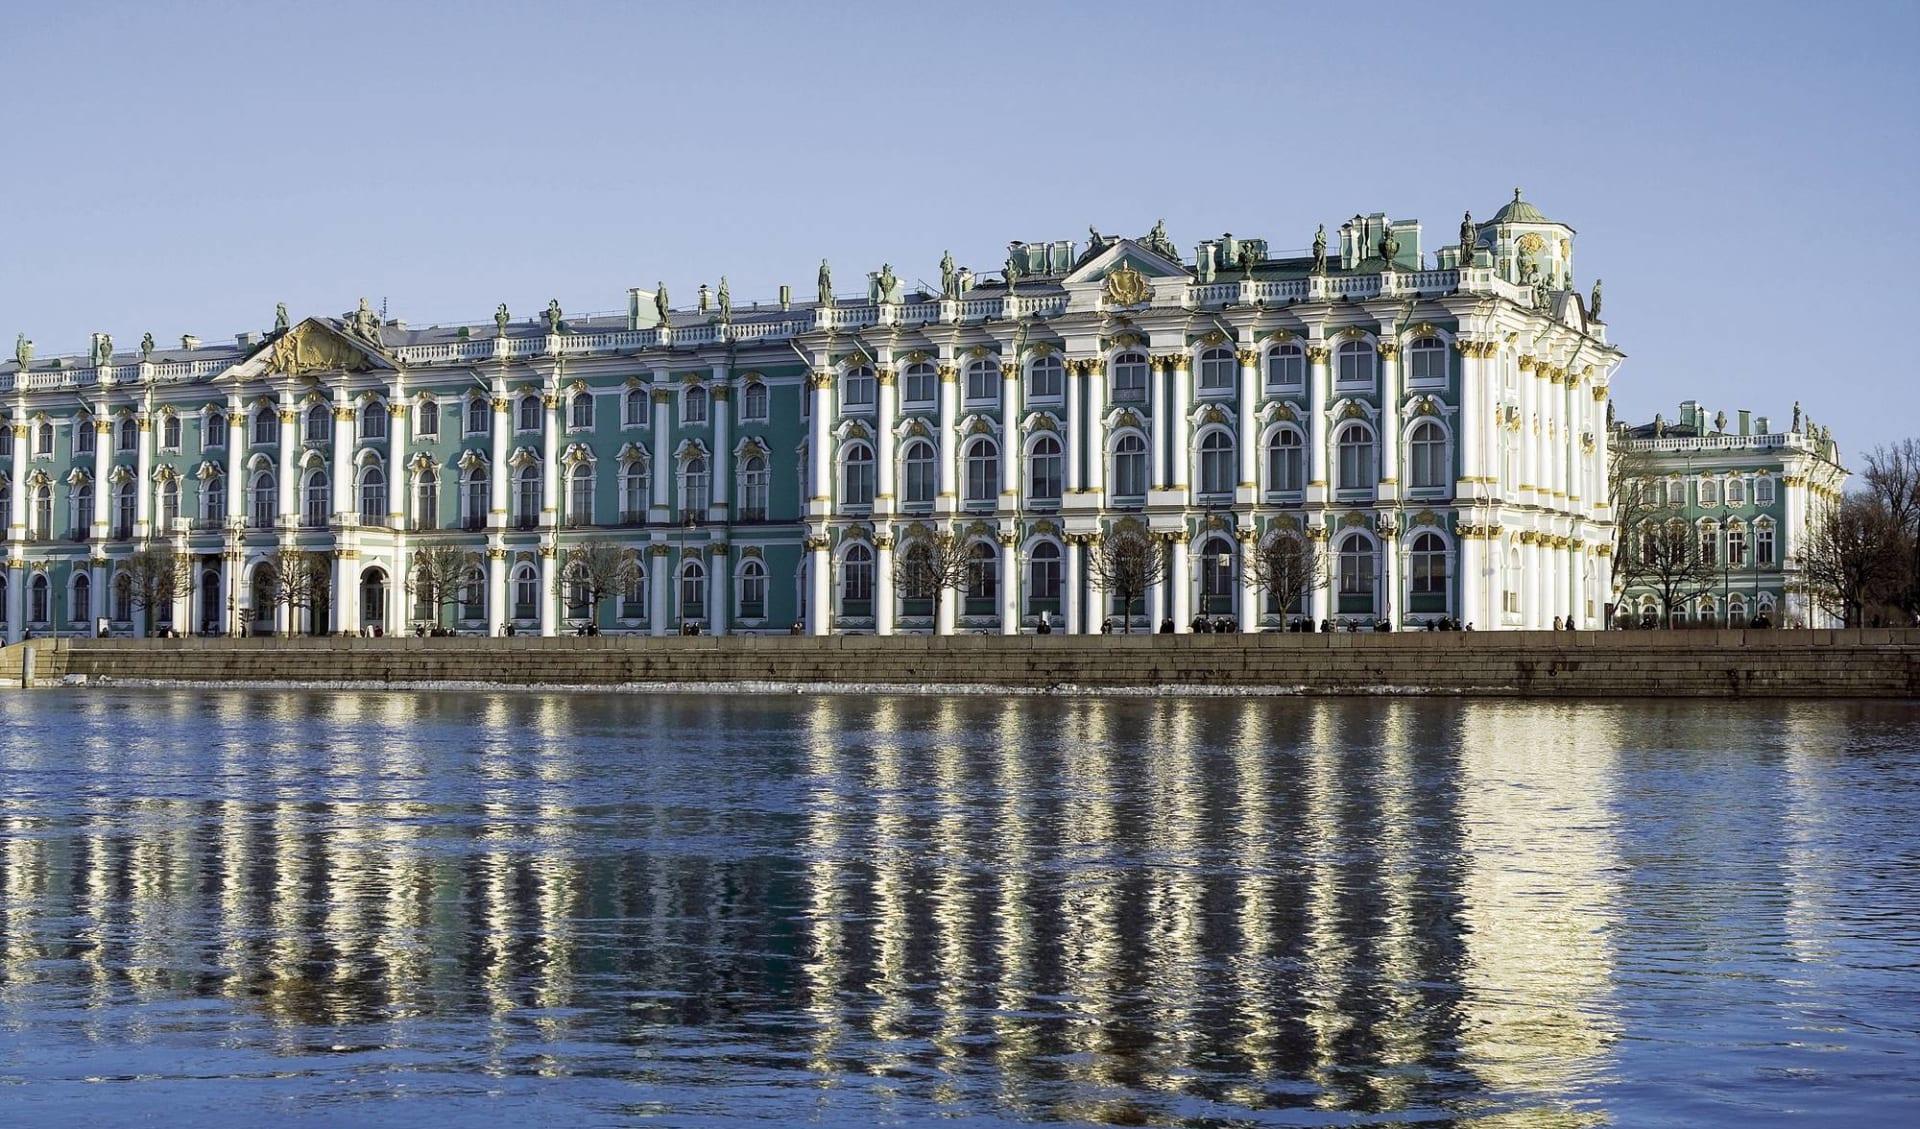 Historisches Russland ab Moskau: Historisches Russland_Ermitage